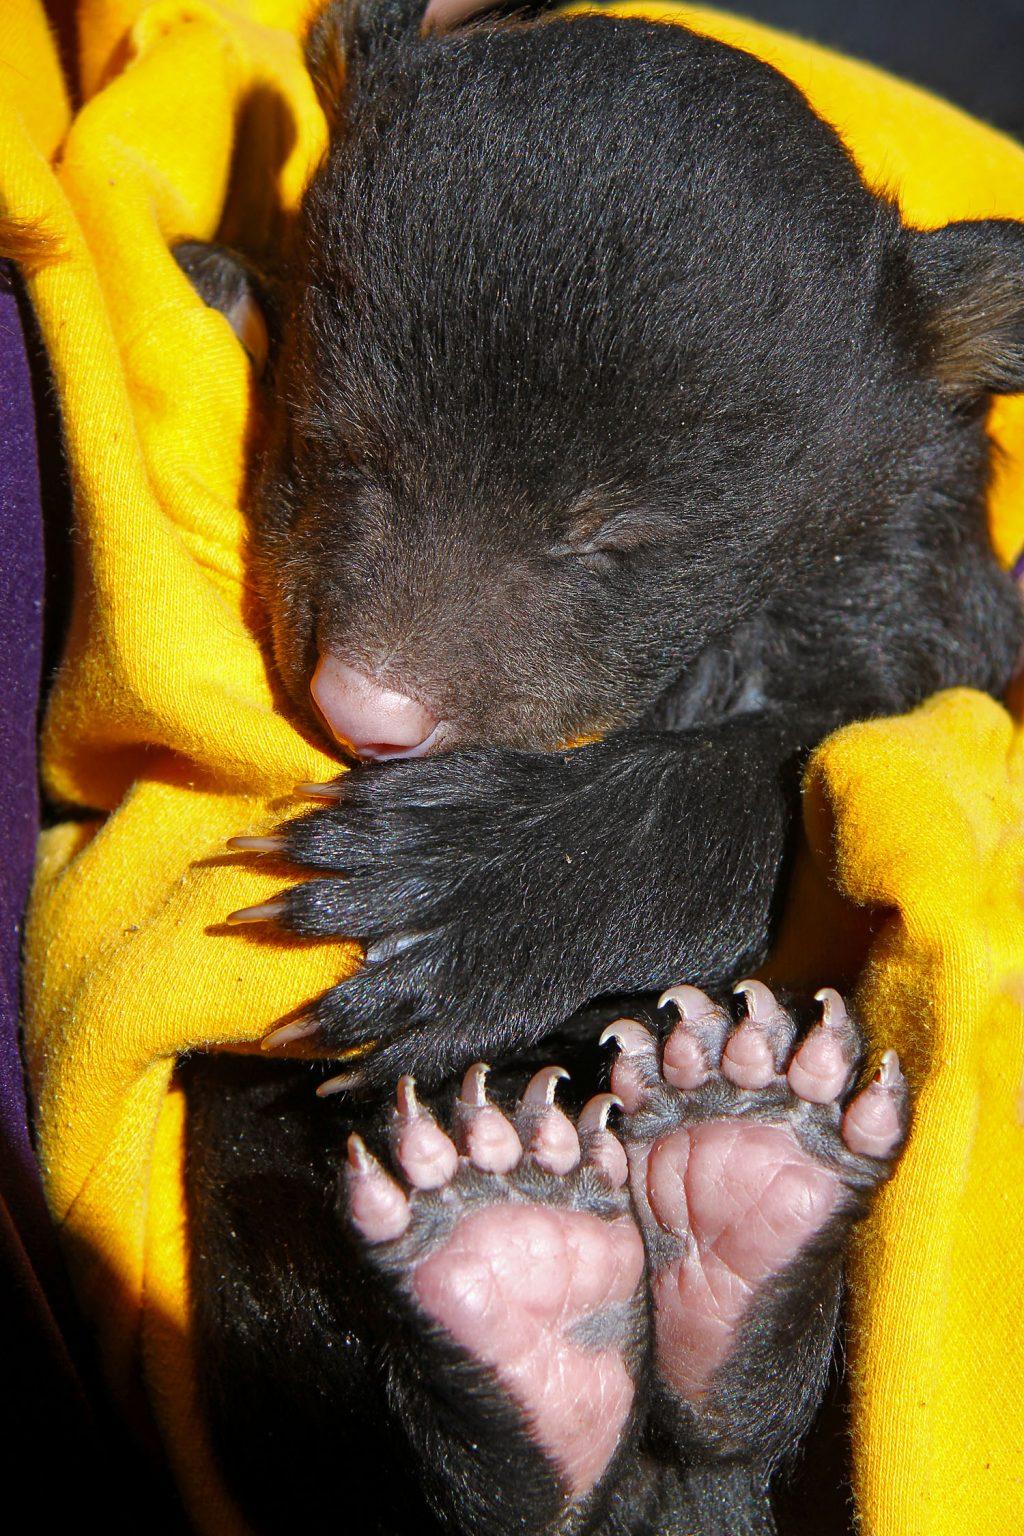 Bear_Cub edit.jpg